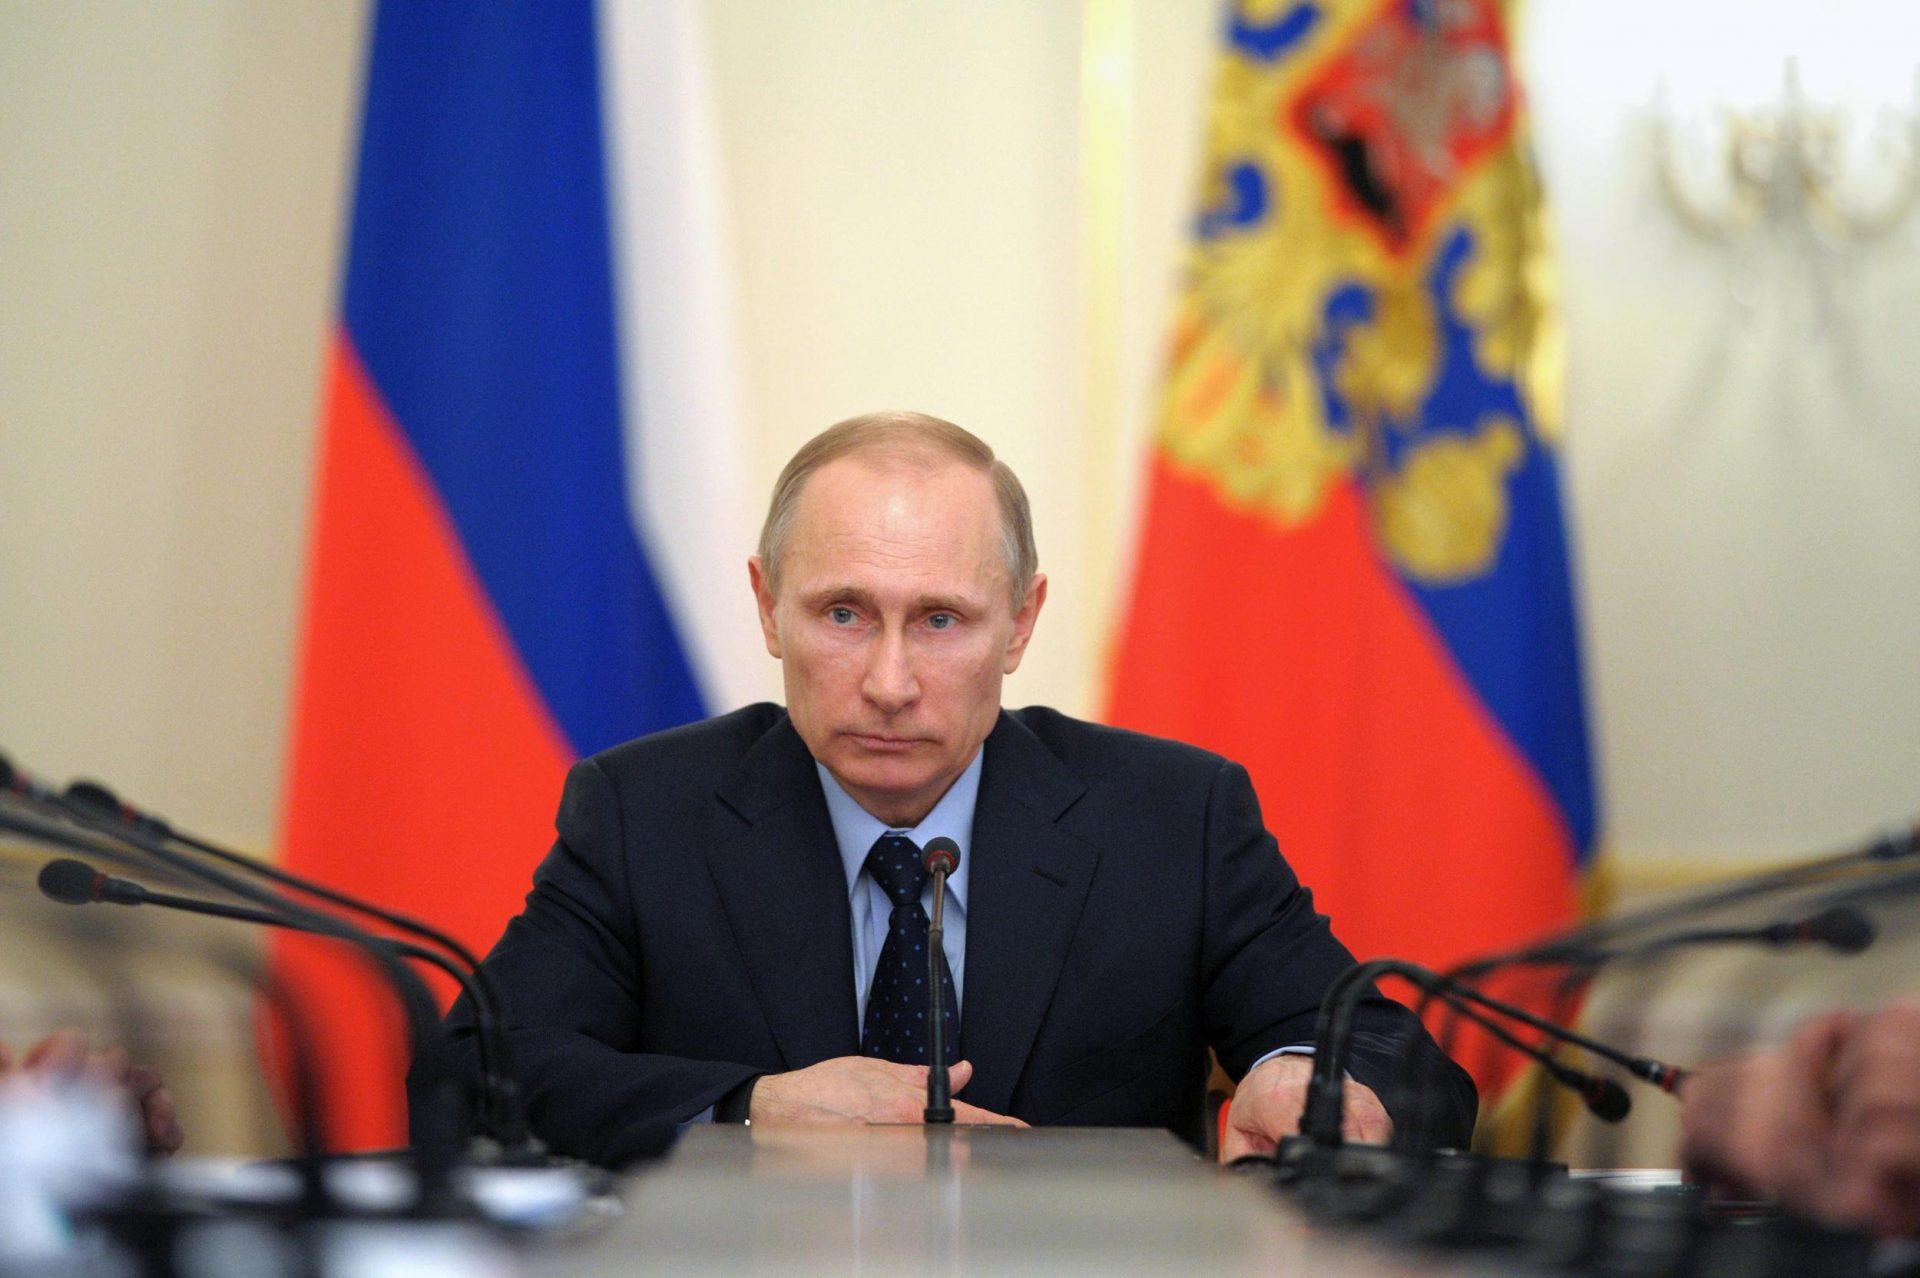 """STUDIU: România, """"trezită"""" de operațiunile subversive ale Rusiei, dar incapabilă să le contracareze"""